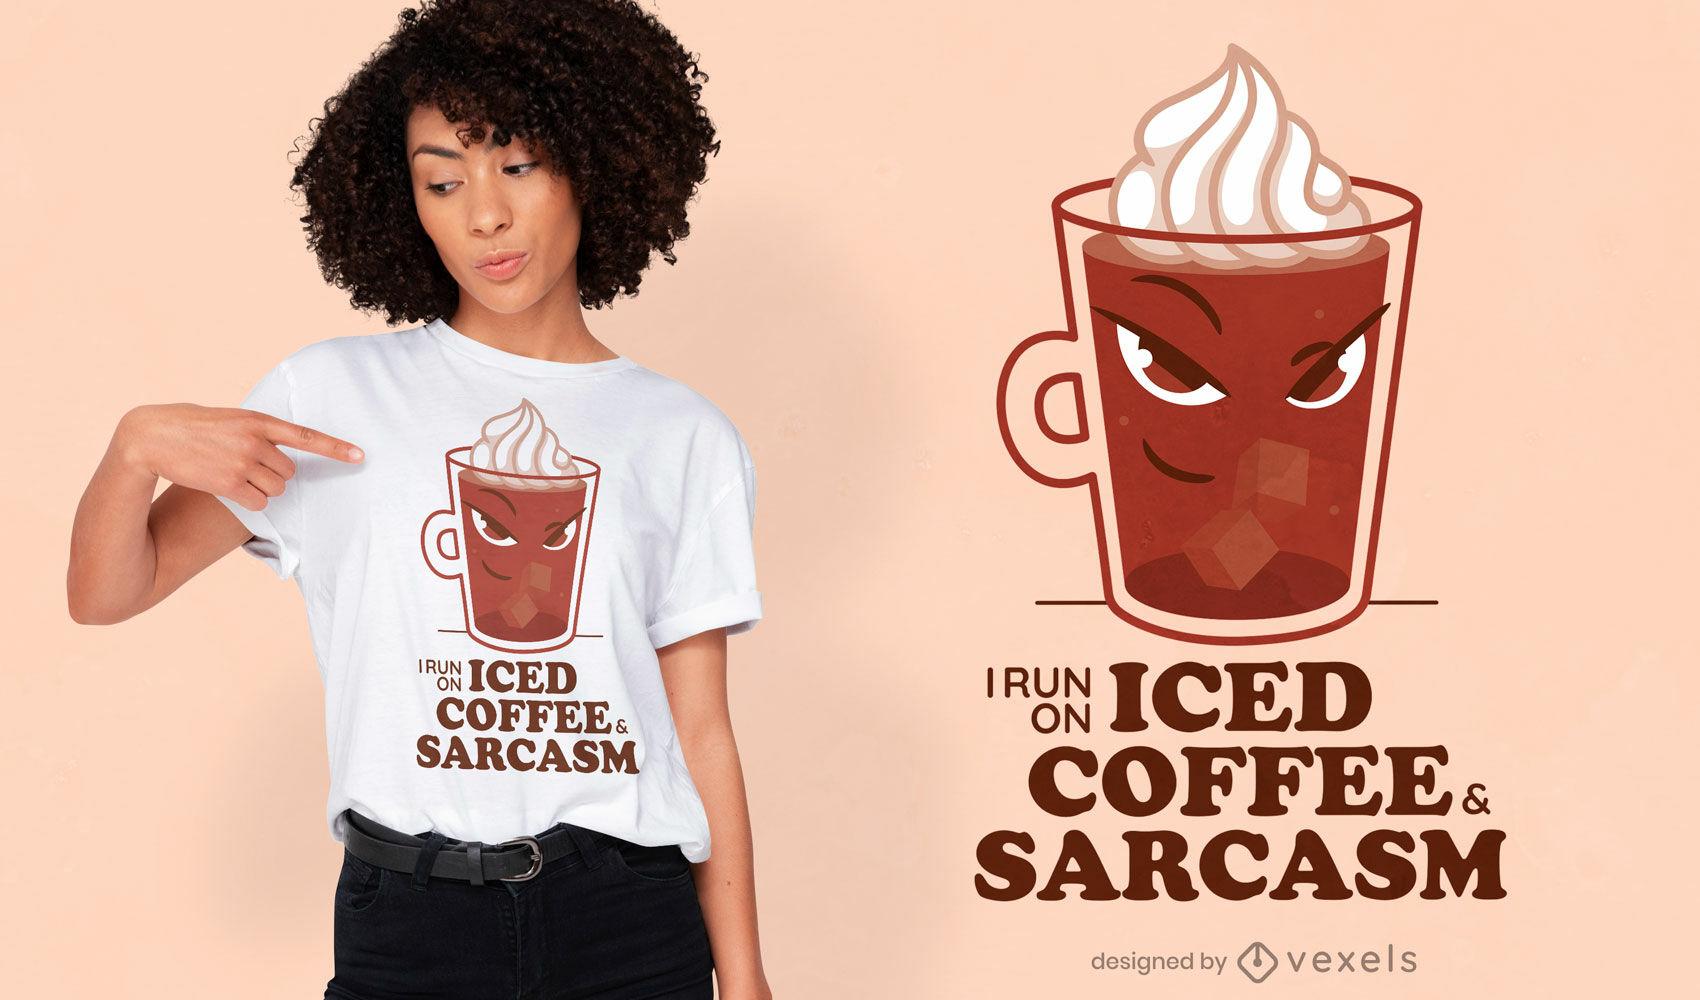 Dise?o de camiseta de caf? helado y sarcasmo